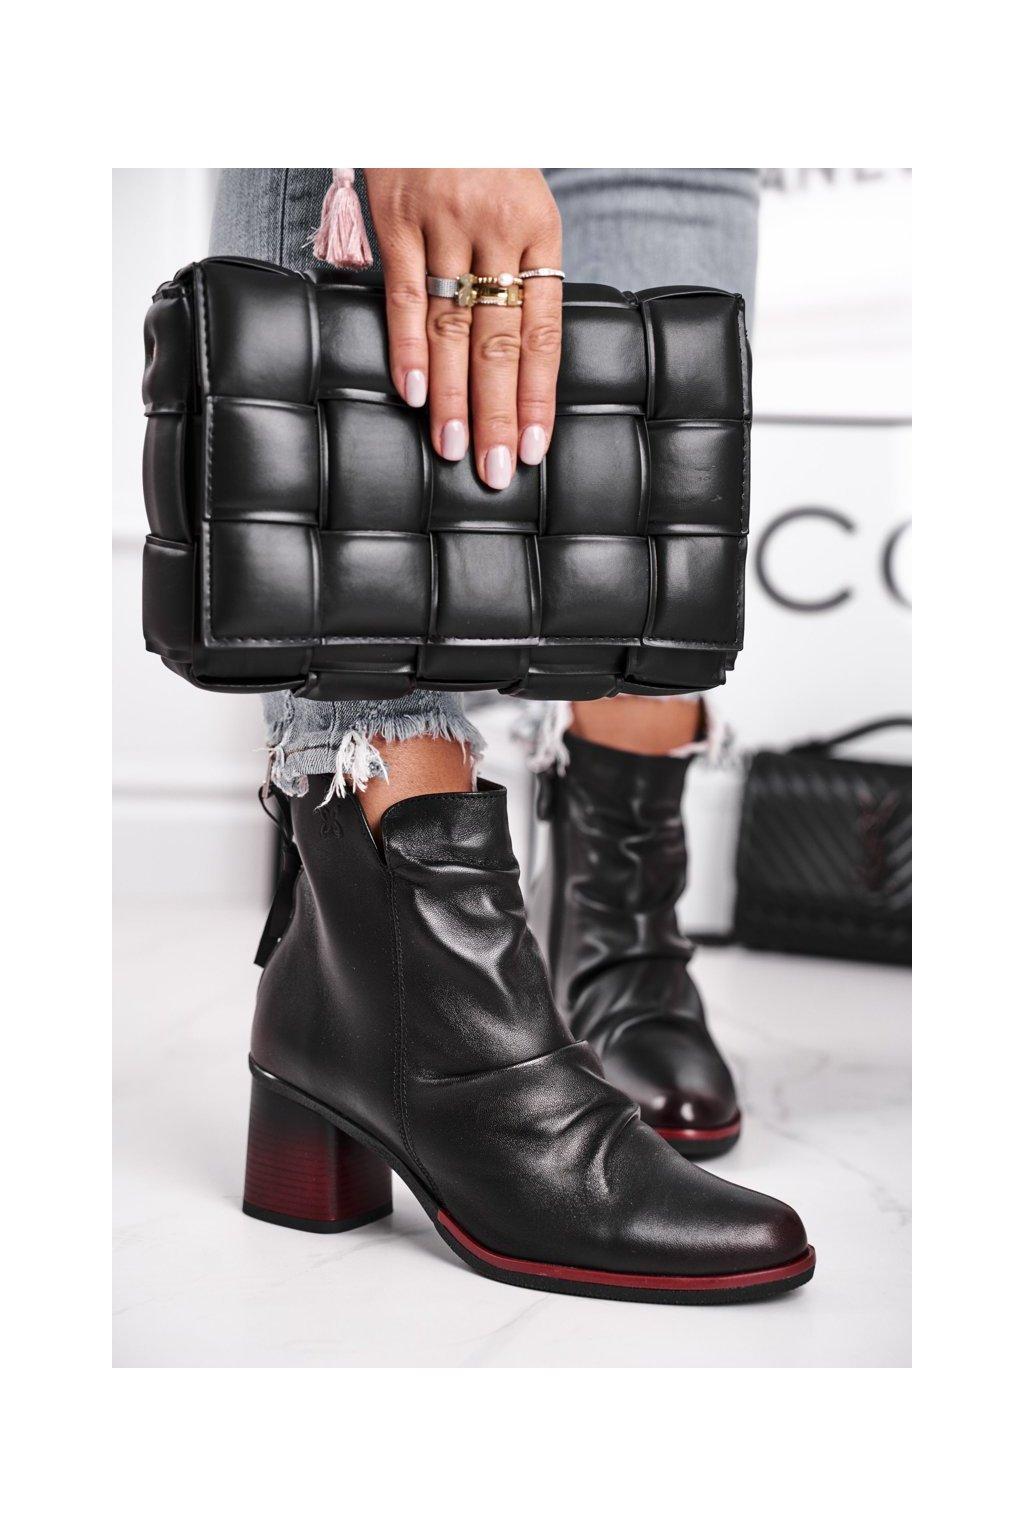 Členkové topánky na podpätku farba čierna kód obuvi 04757-01/00-5 BLK